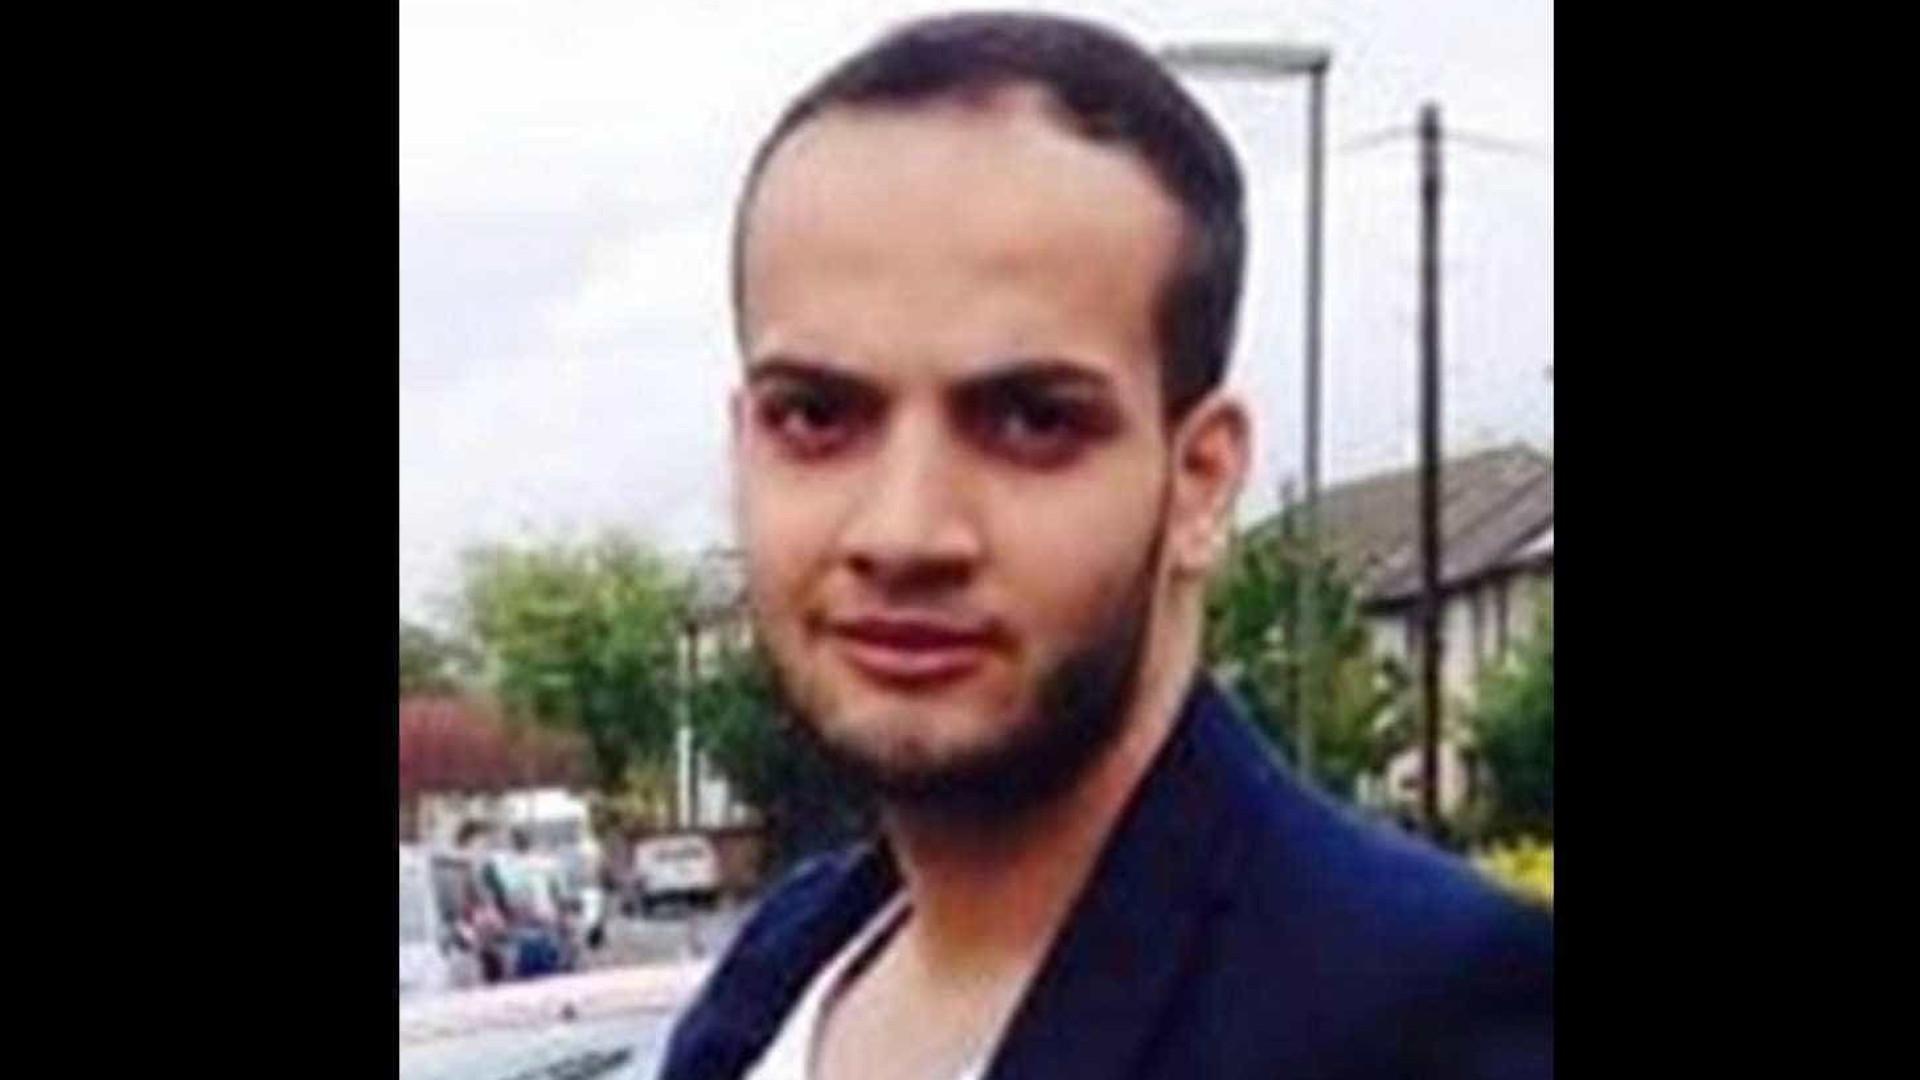 Identificado um dos suspeitos pela explosão em Londres